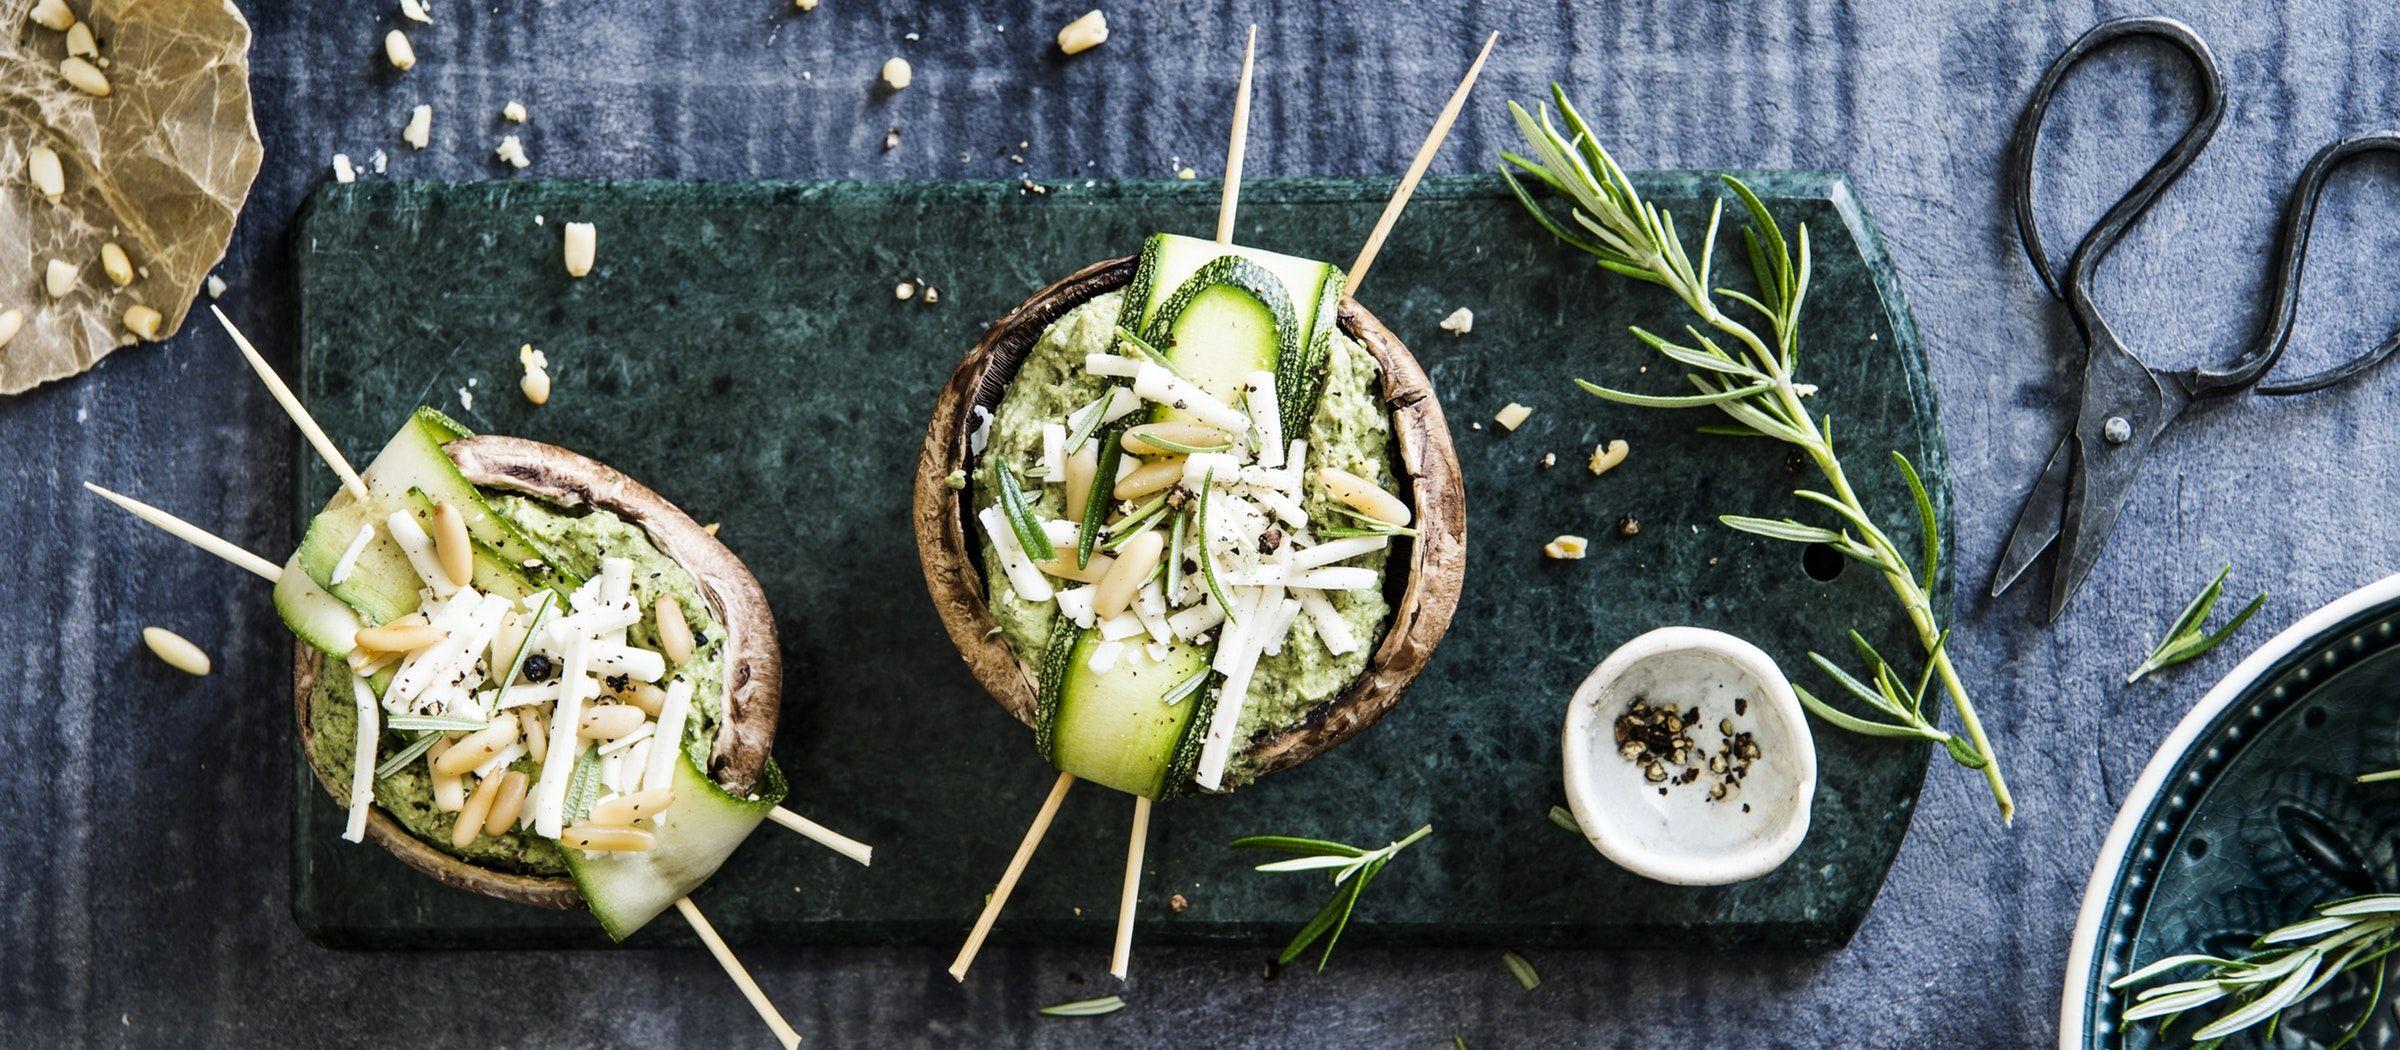 Grillikausi hellii myös kasvissyöjää. Lehtikaalipestolla täytetyt portobellosienet sopivat myös vegaaneille.